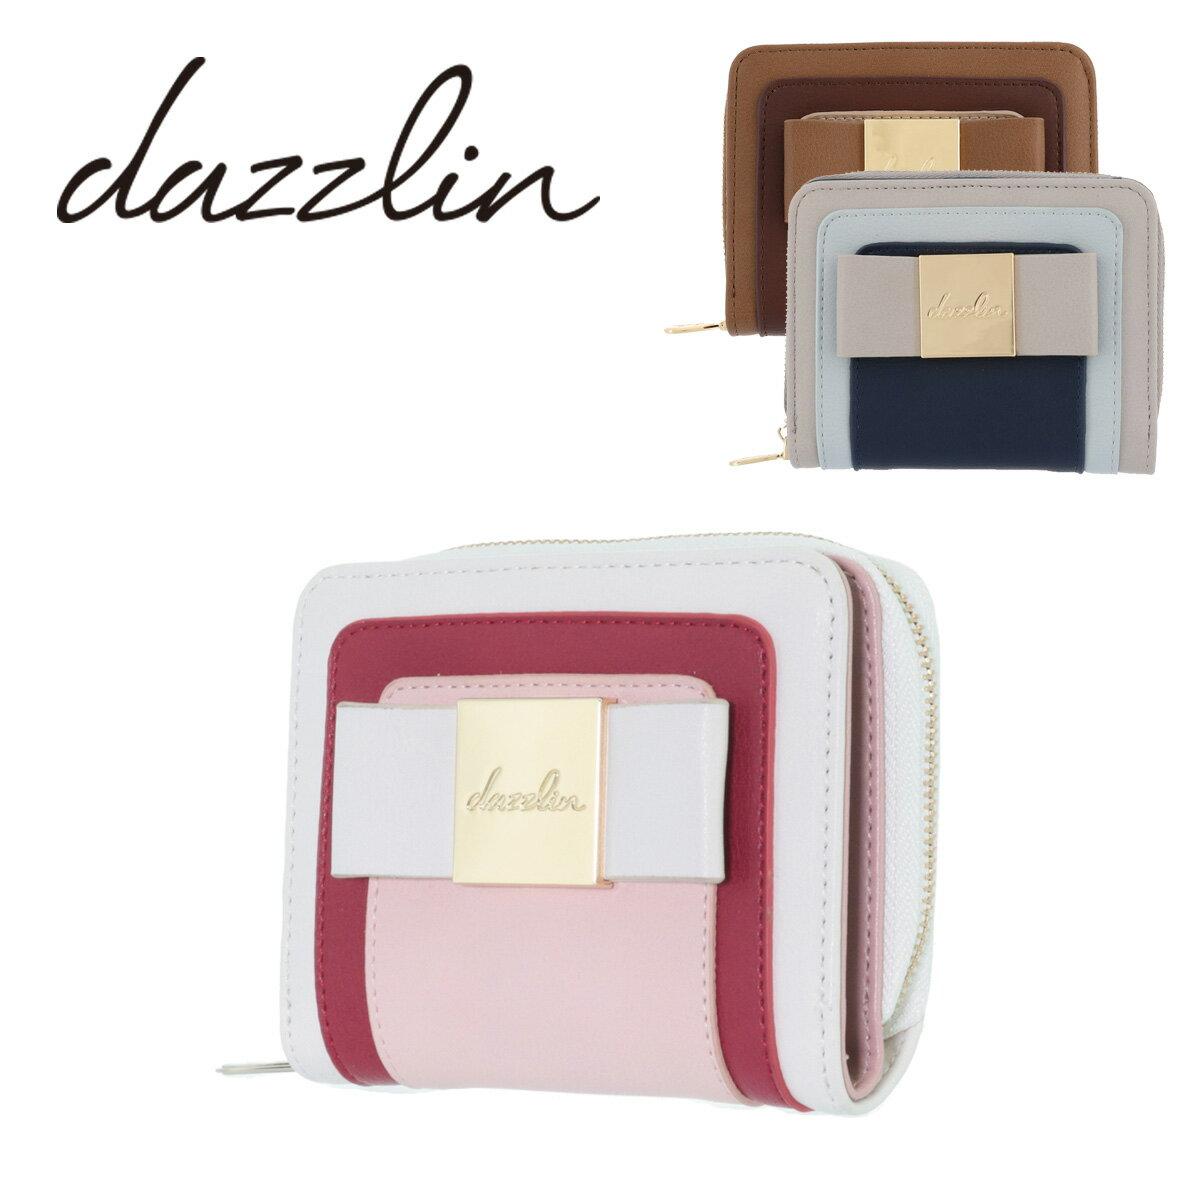 ダズリン ミニ財布 レディース ブランド DLS-1324 dazzlin ラウンドファスナー 財布 二つ折り[bef]